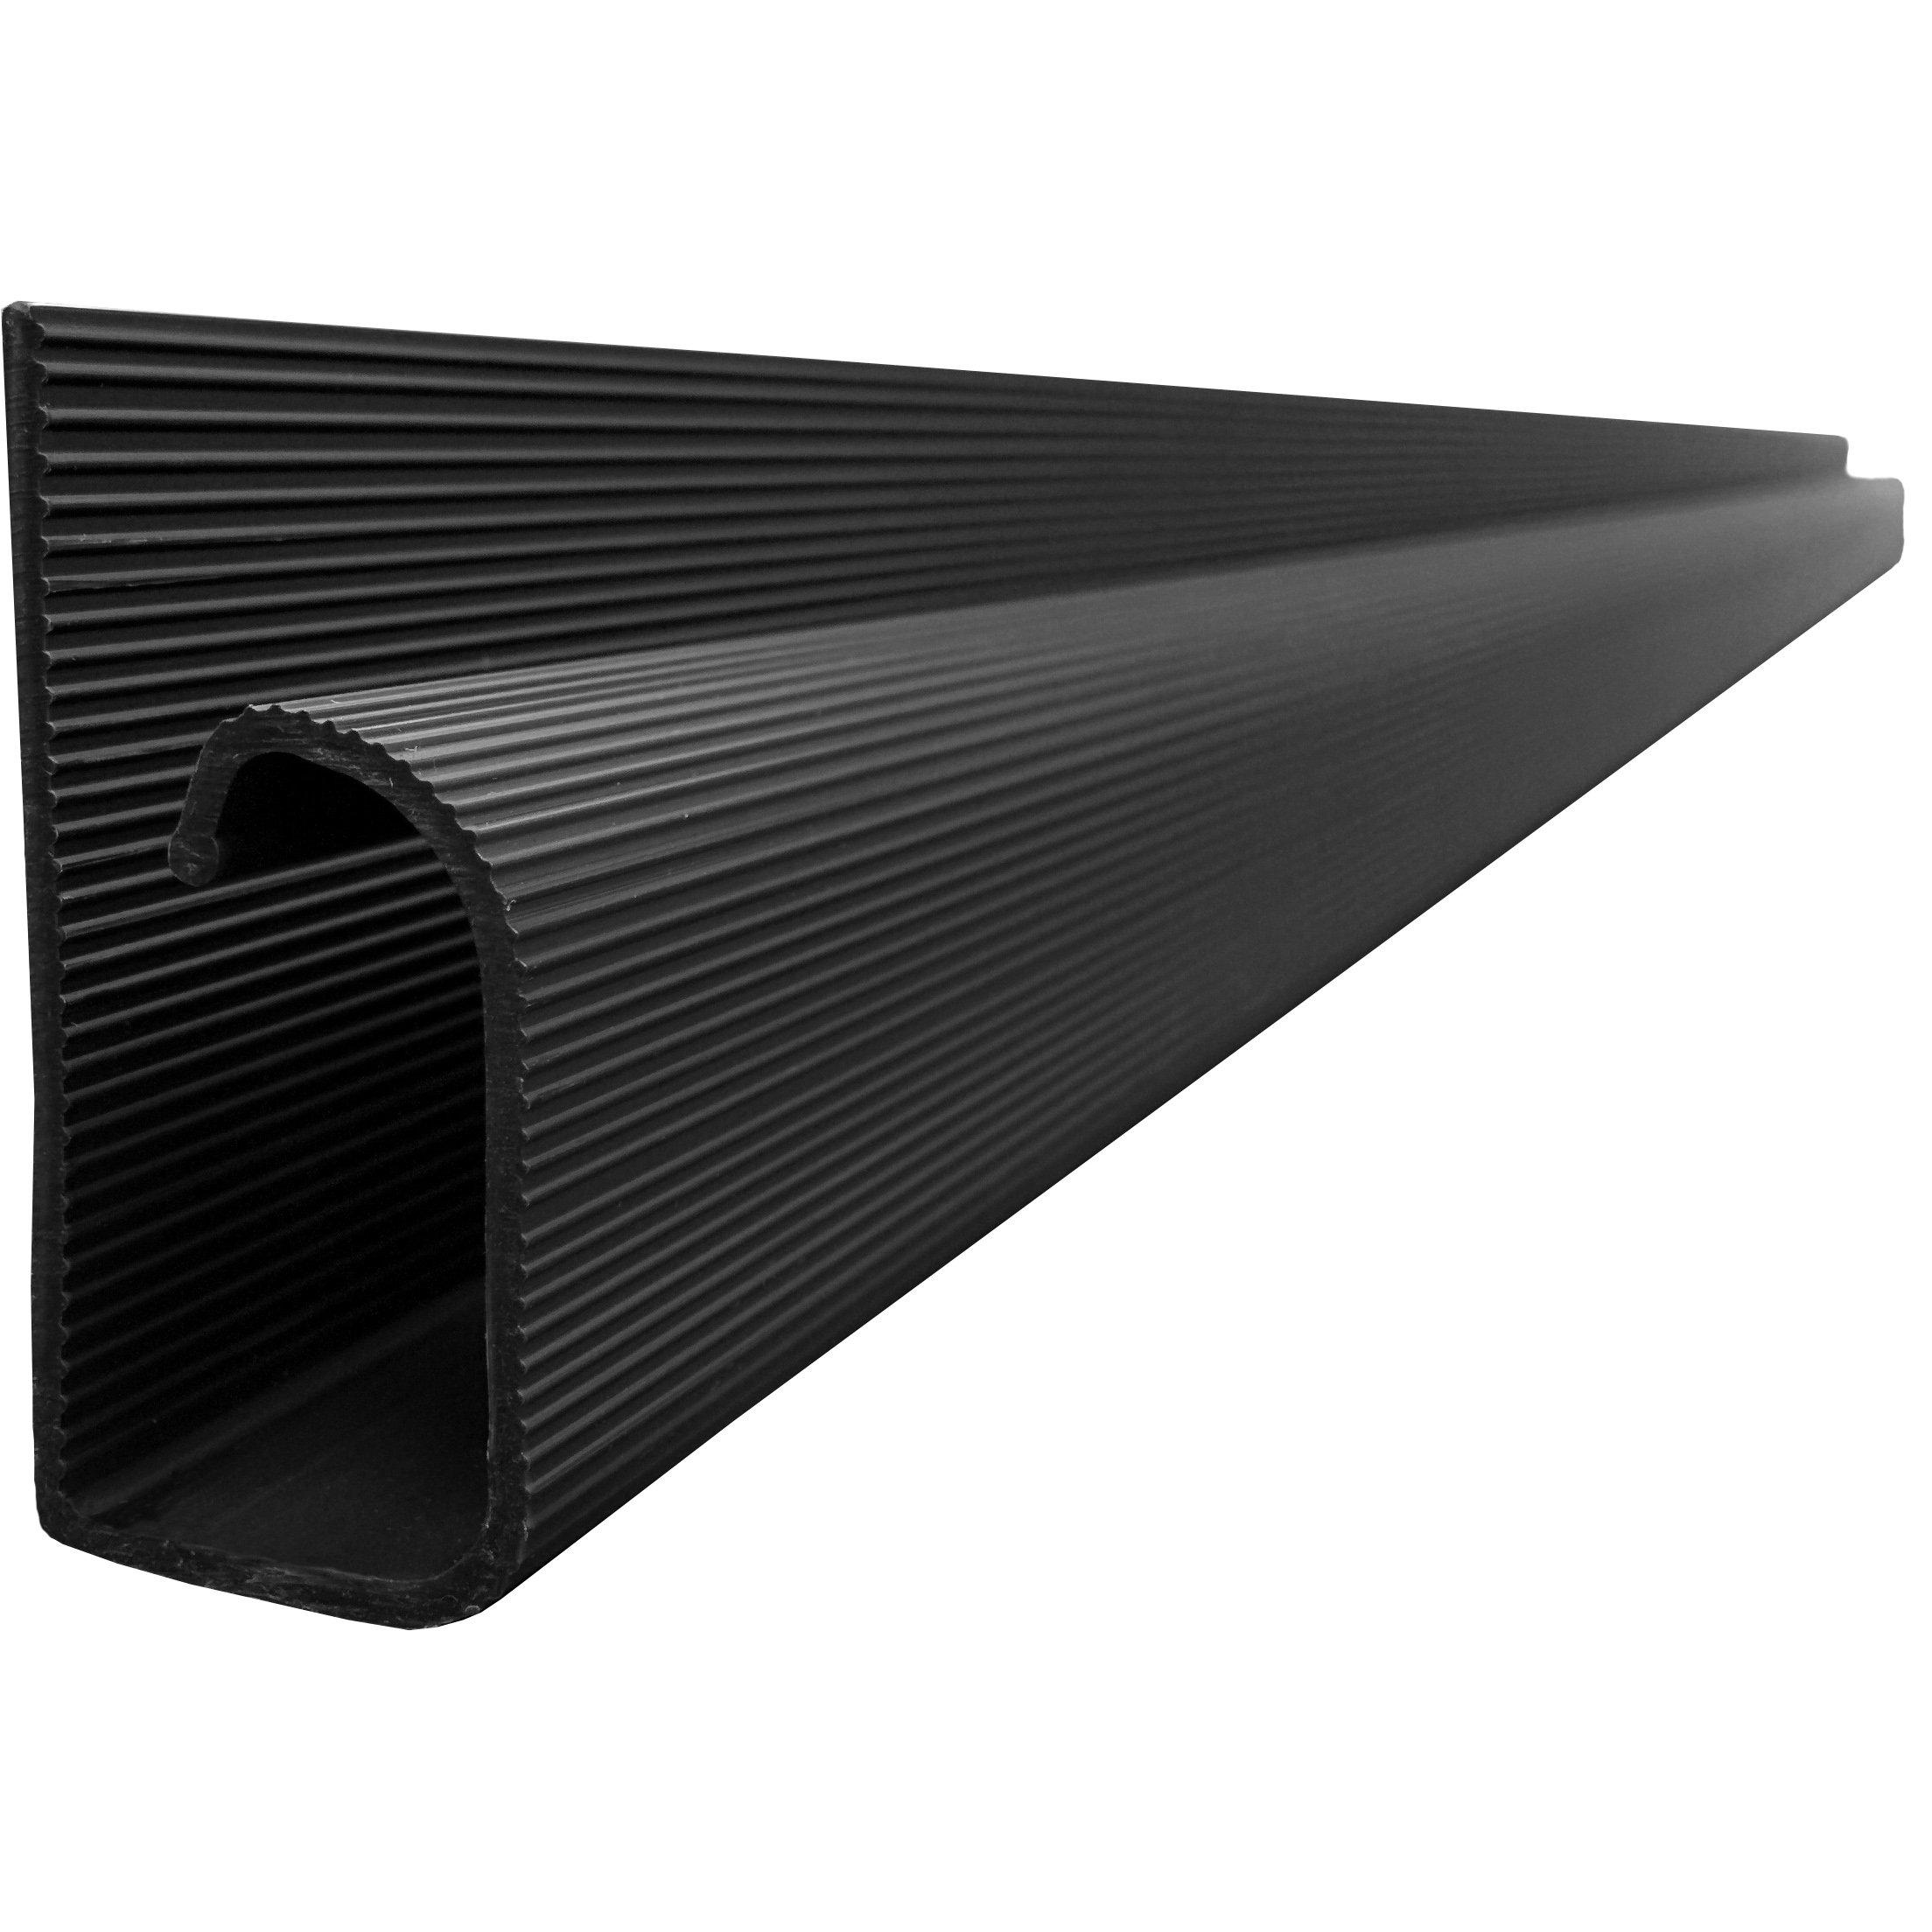 J Channel Cable Raceway - Black - 48'' Length